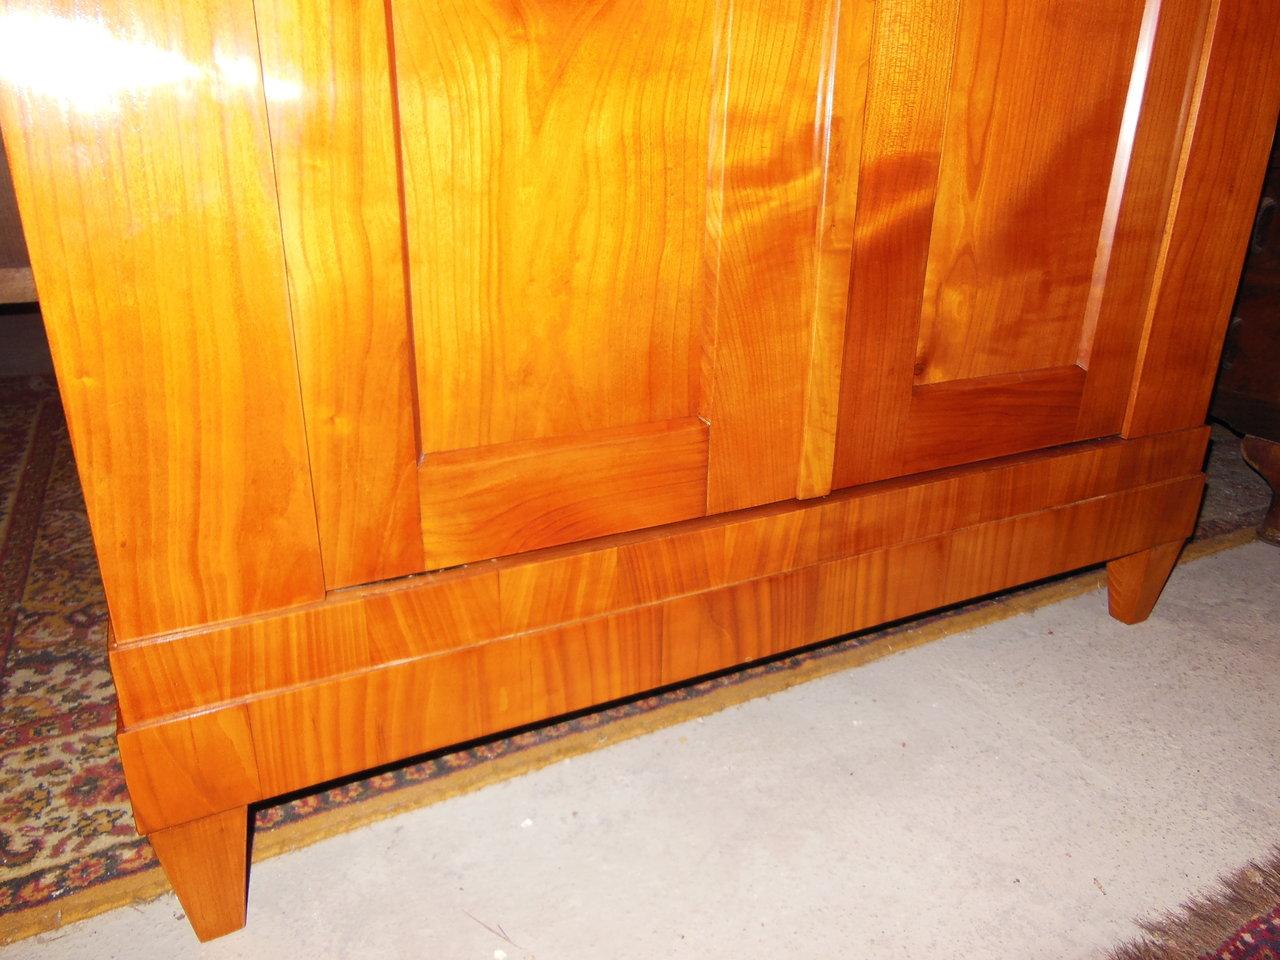 biedermeierschrank kirschbaum schrank kirschholzfurniert um 1820 30 antik m bel antiquit ten. Black Bedroom Furniture Sets. Home Design Ideas